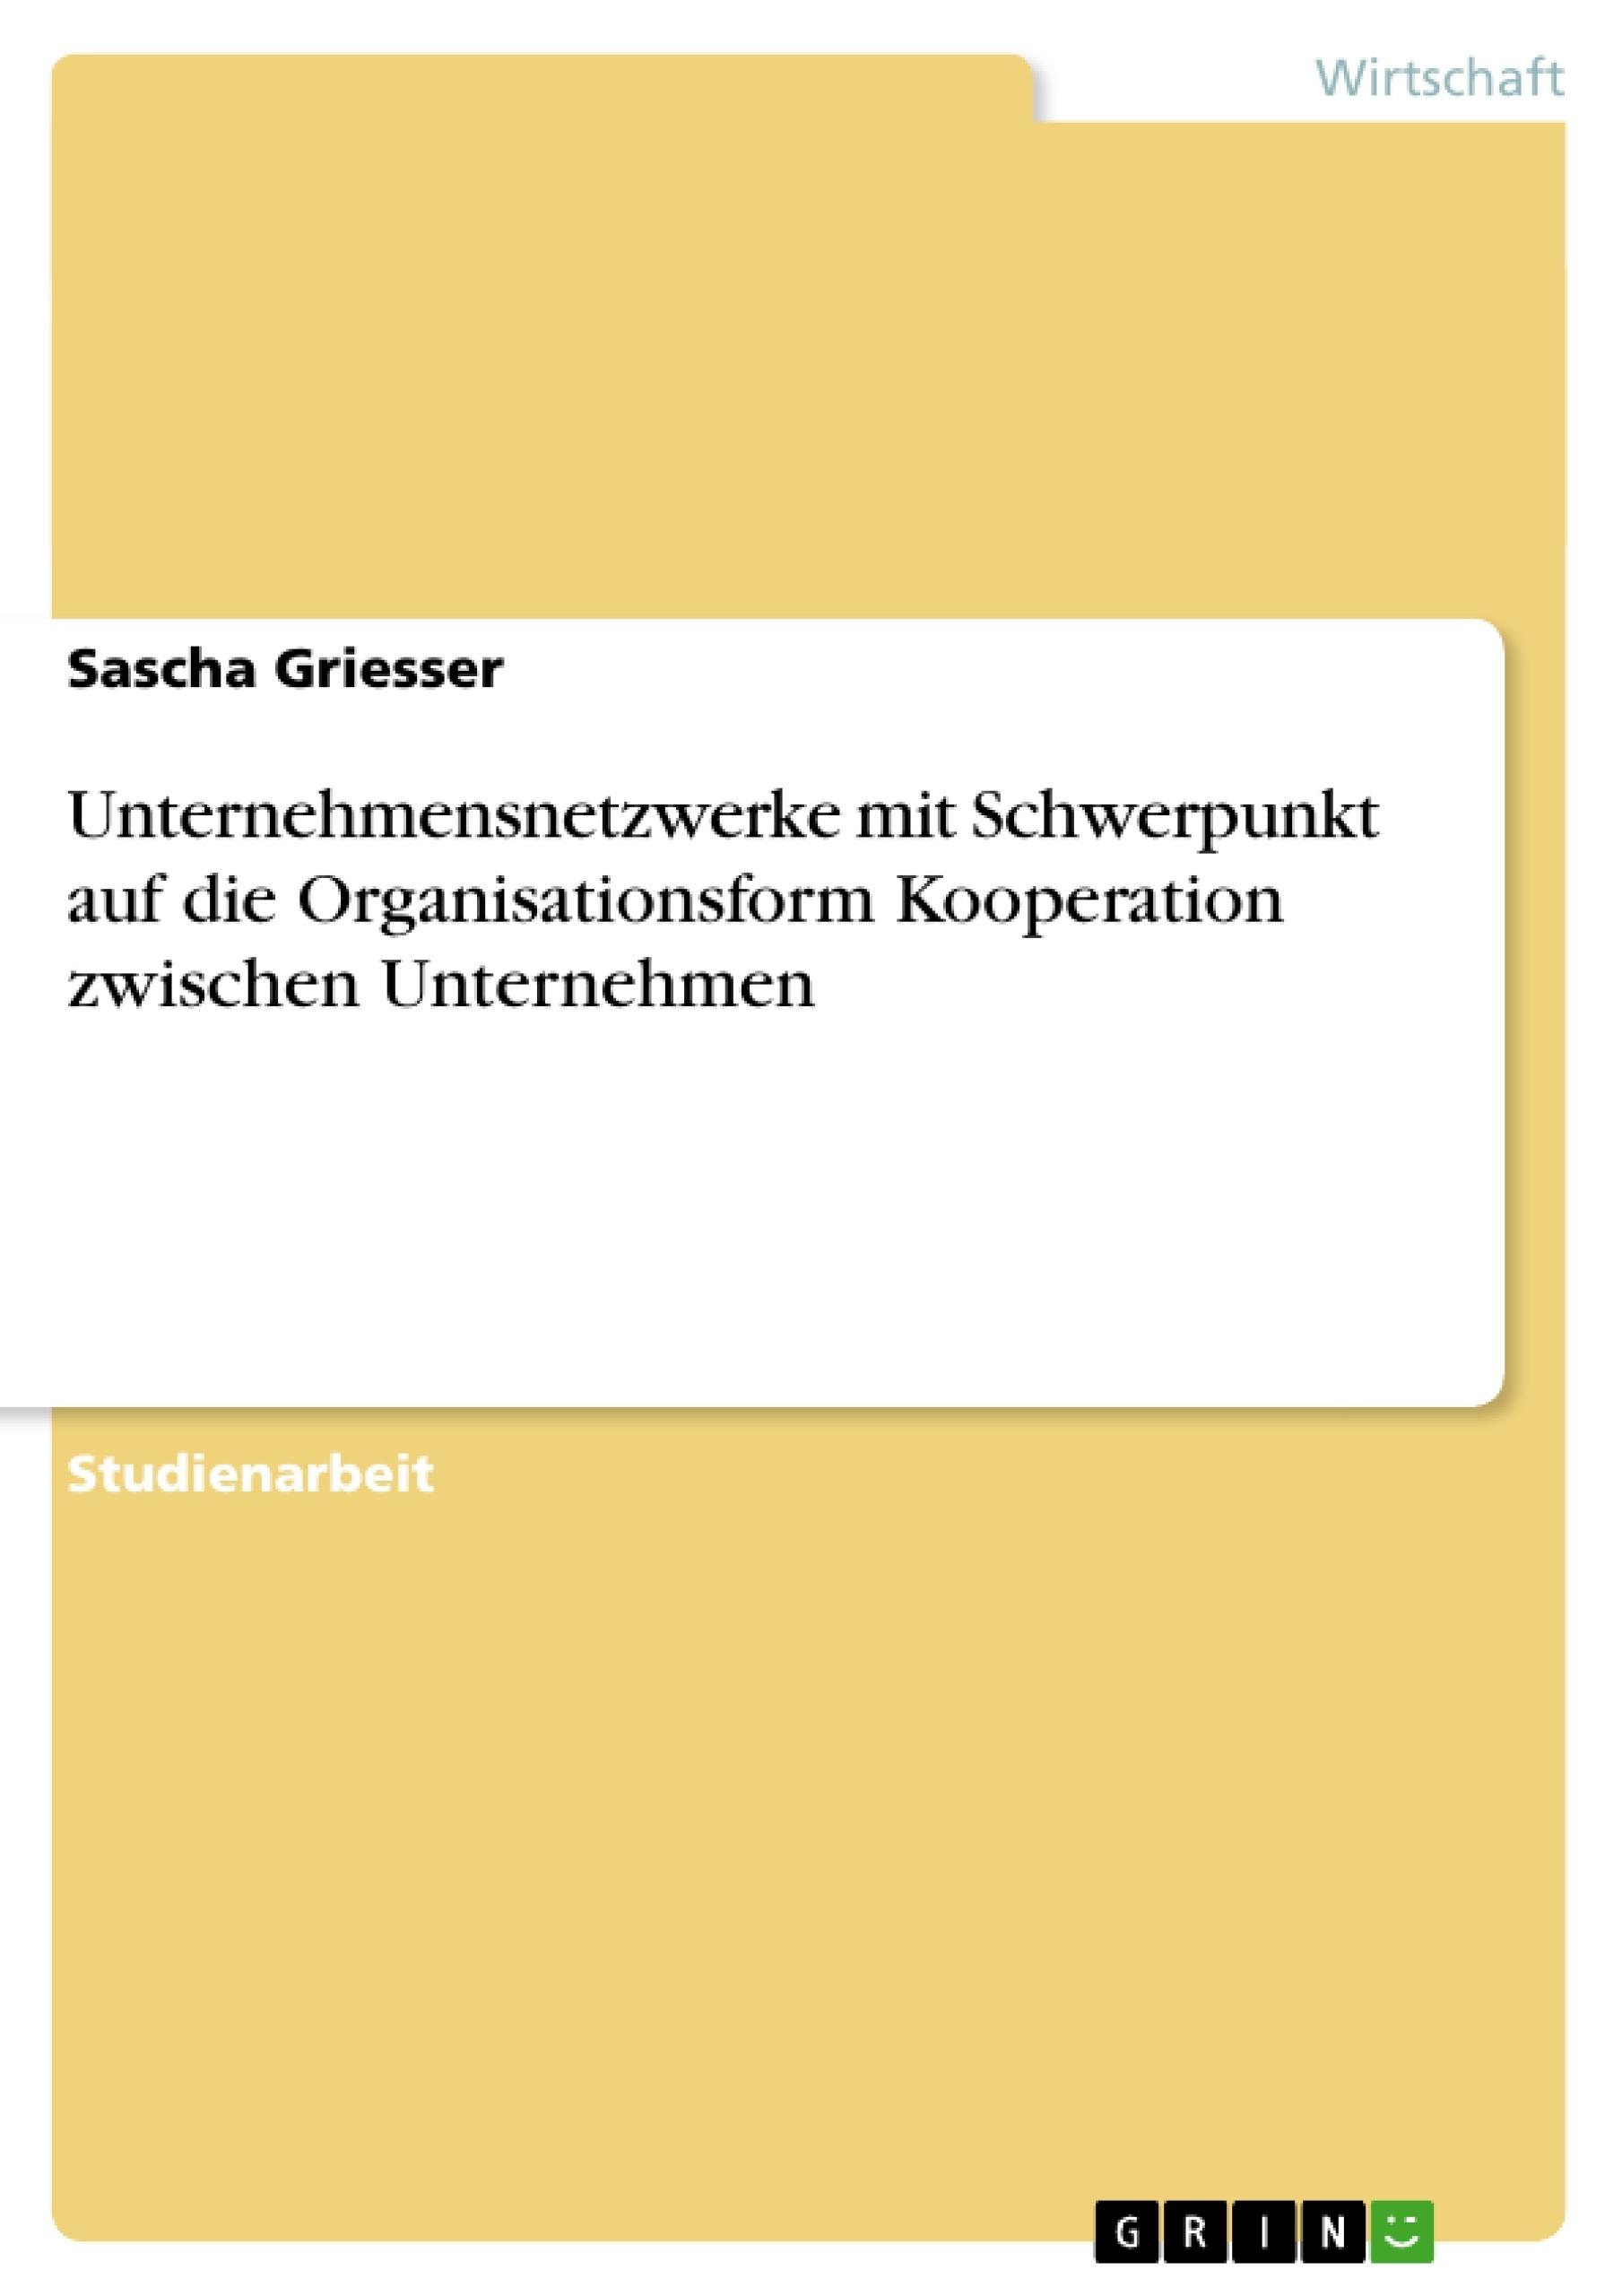 Titel: Unternehmensnetzwerke mit Schwerpunkt auf die Organisationsform Kooperation zwischen Unternehmen